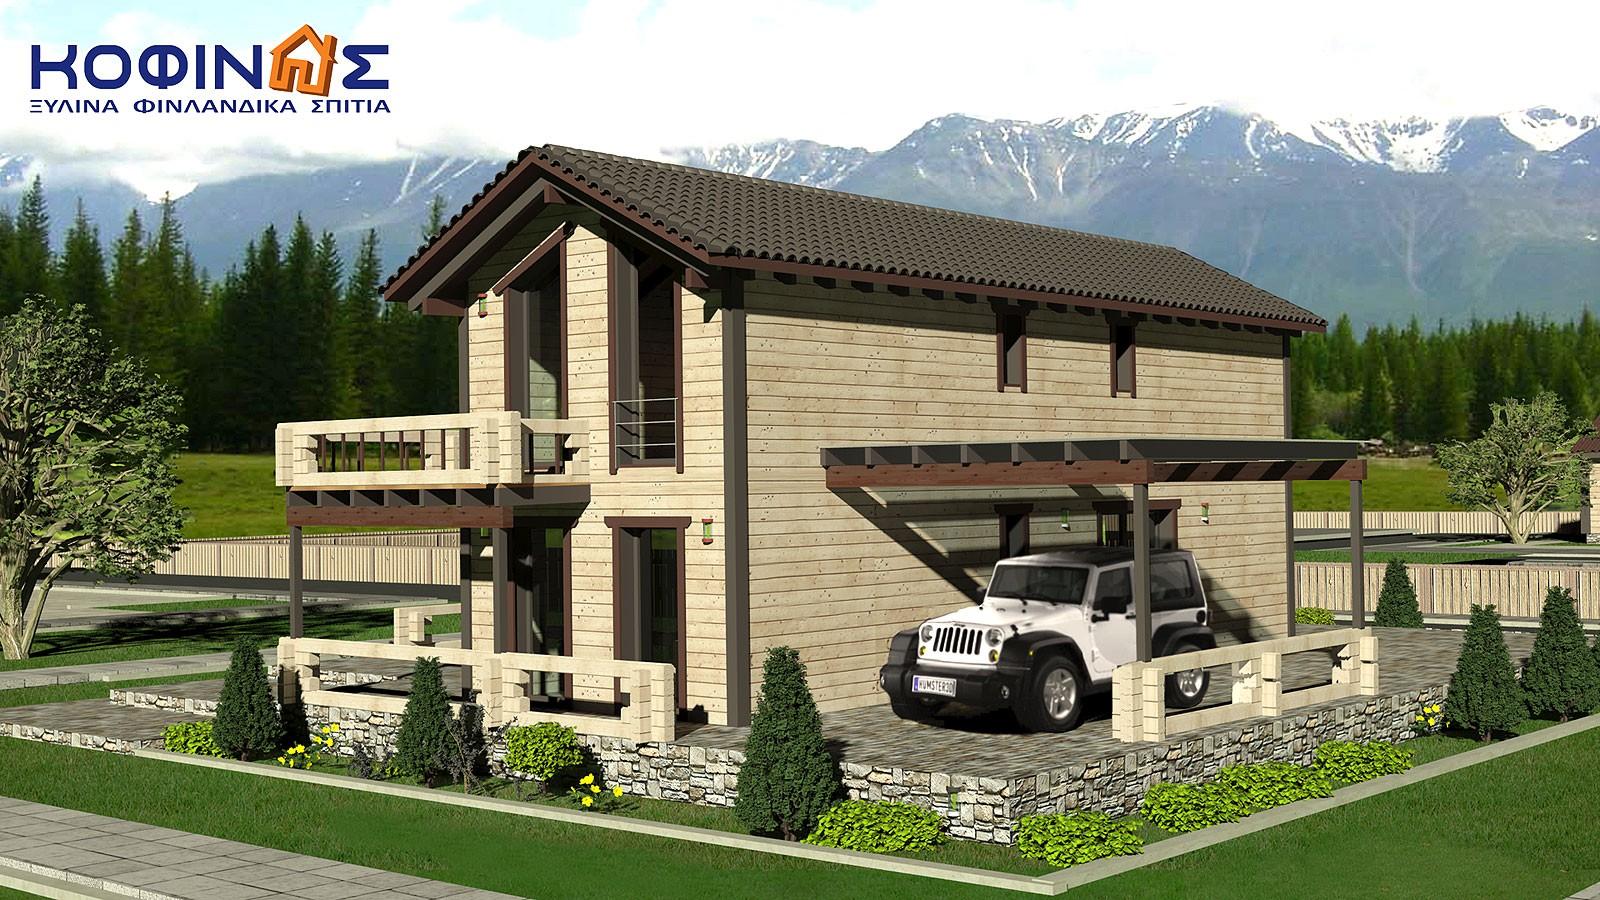 Διώροφη Ξύλινη Κατοικία XD-141, συνολικής επιφάνειας 141,70 τ.μ.